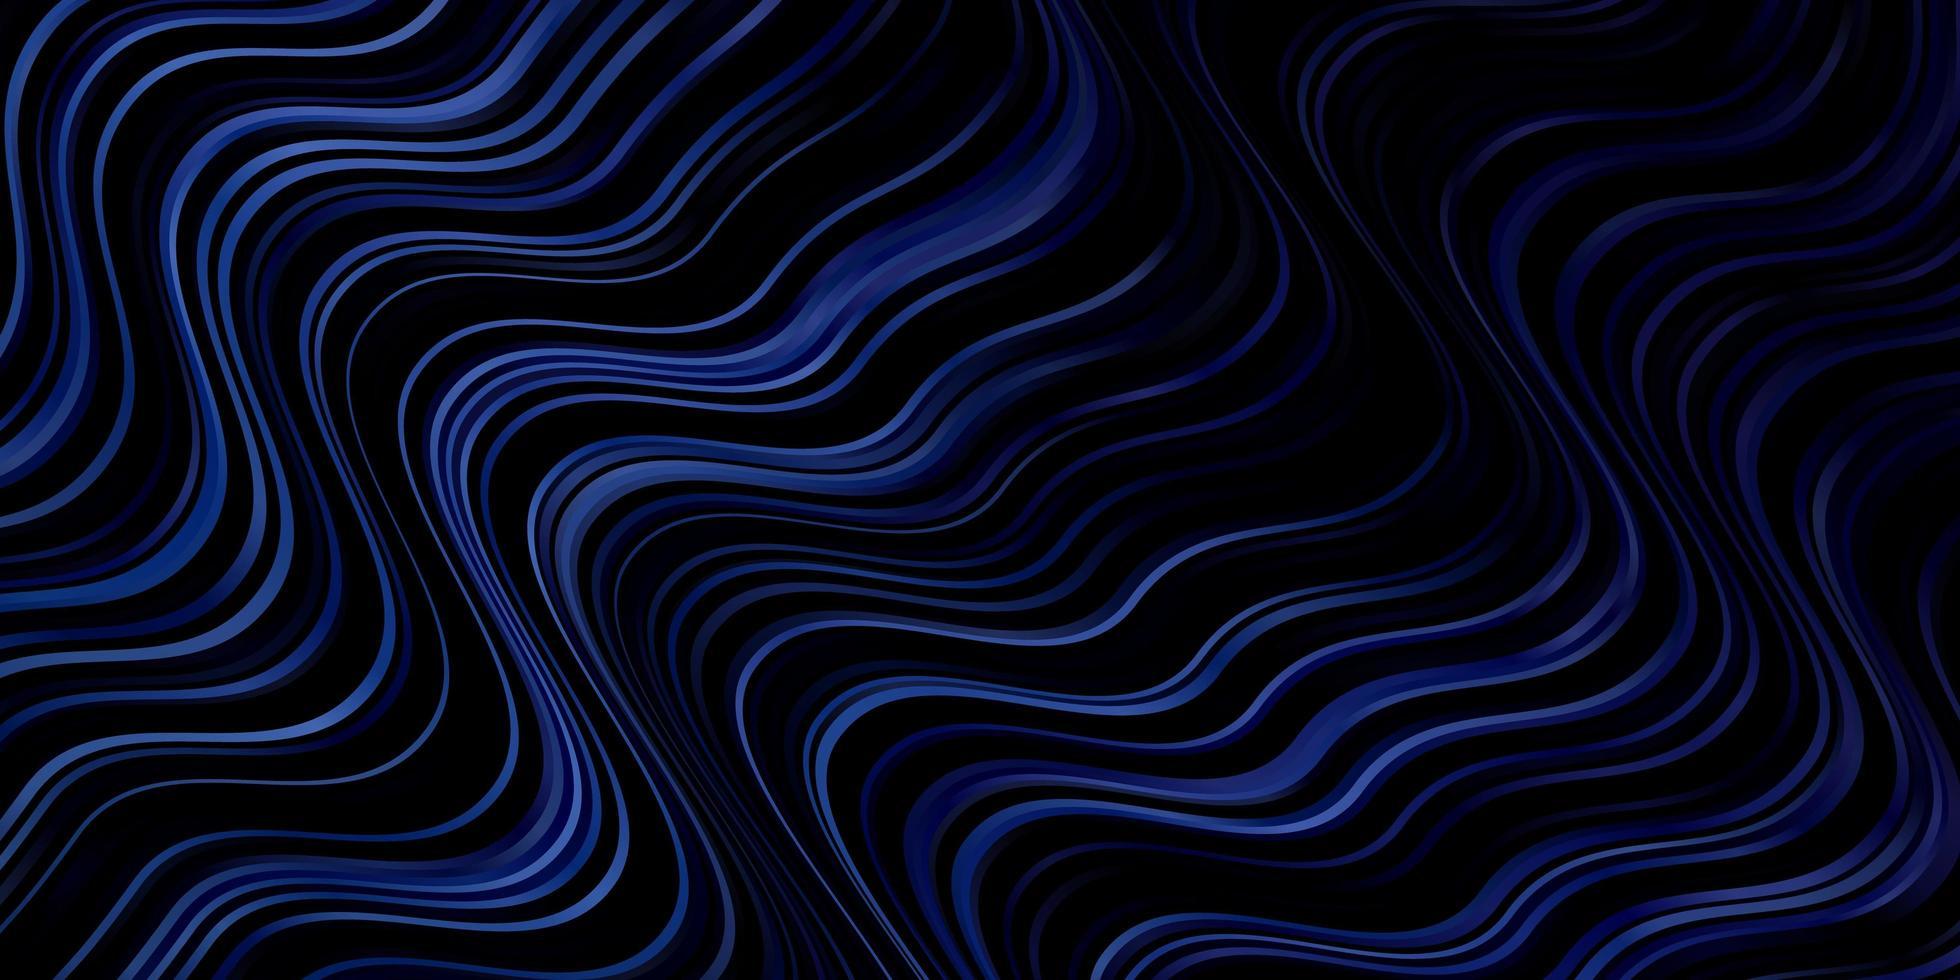 mörkblå vektormönster med sneda linjer vektor